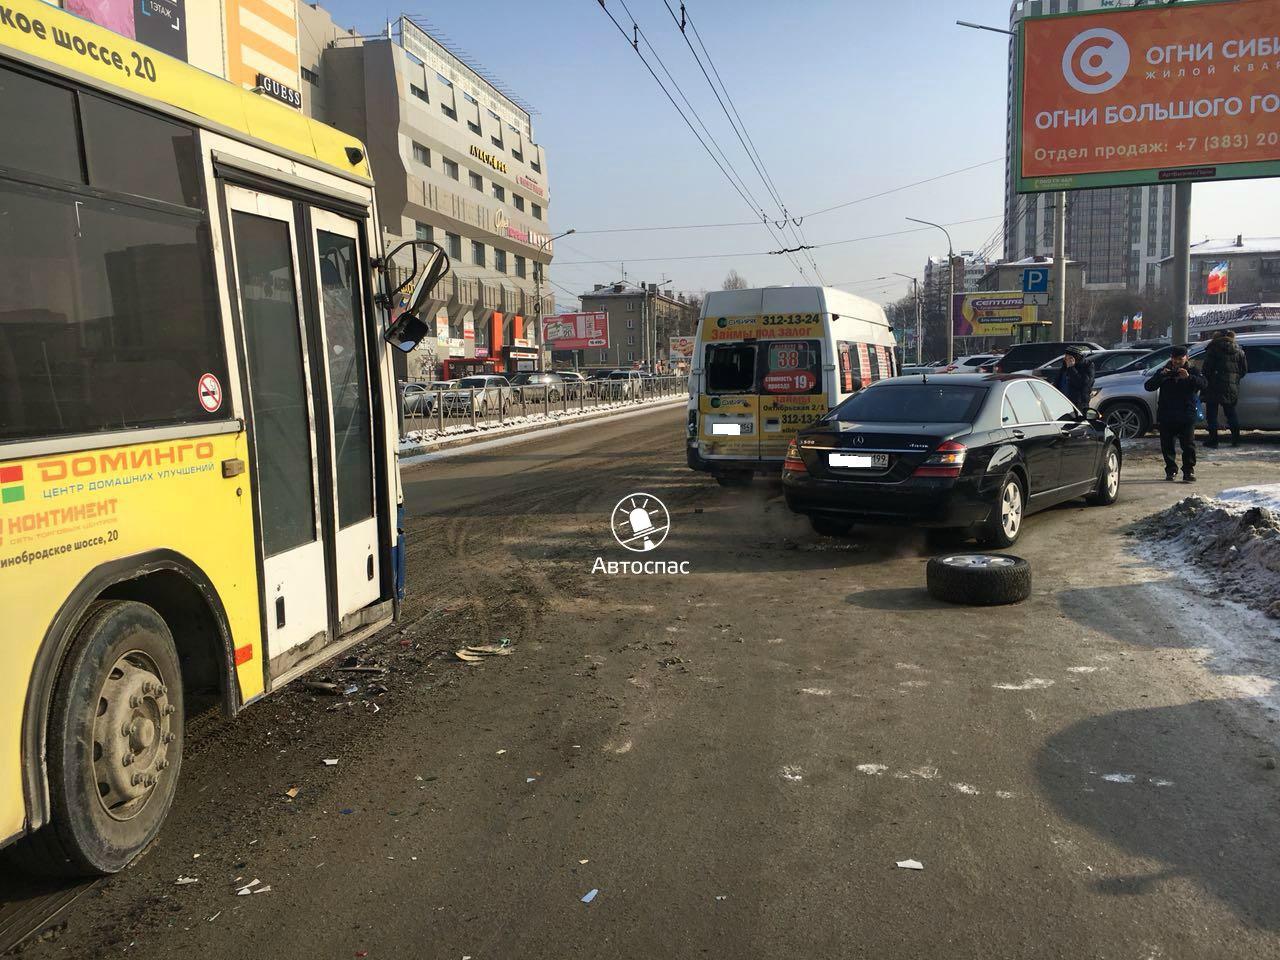 В Новосибирске произошло массовое ДТП маршрутки, автобуса и «Мерседеса»